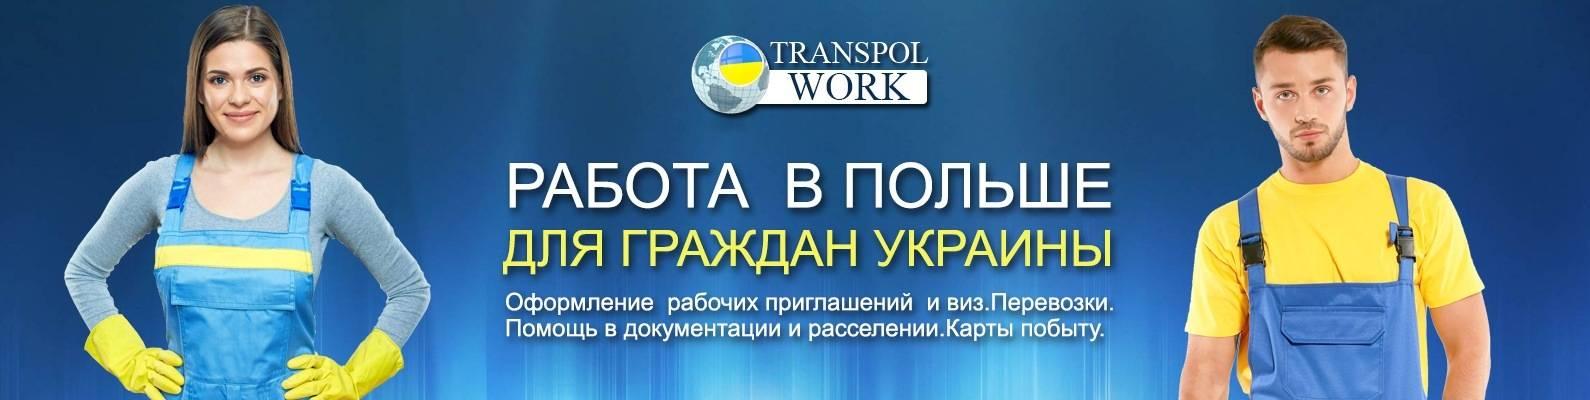 ❶ актуальные вакансии, работа в польше для украинцев | teeal.pl, работа в польше